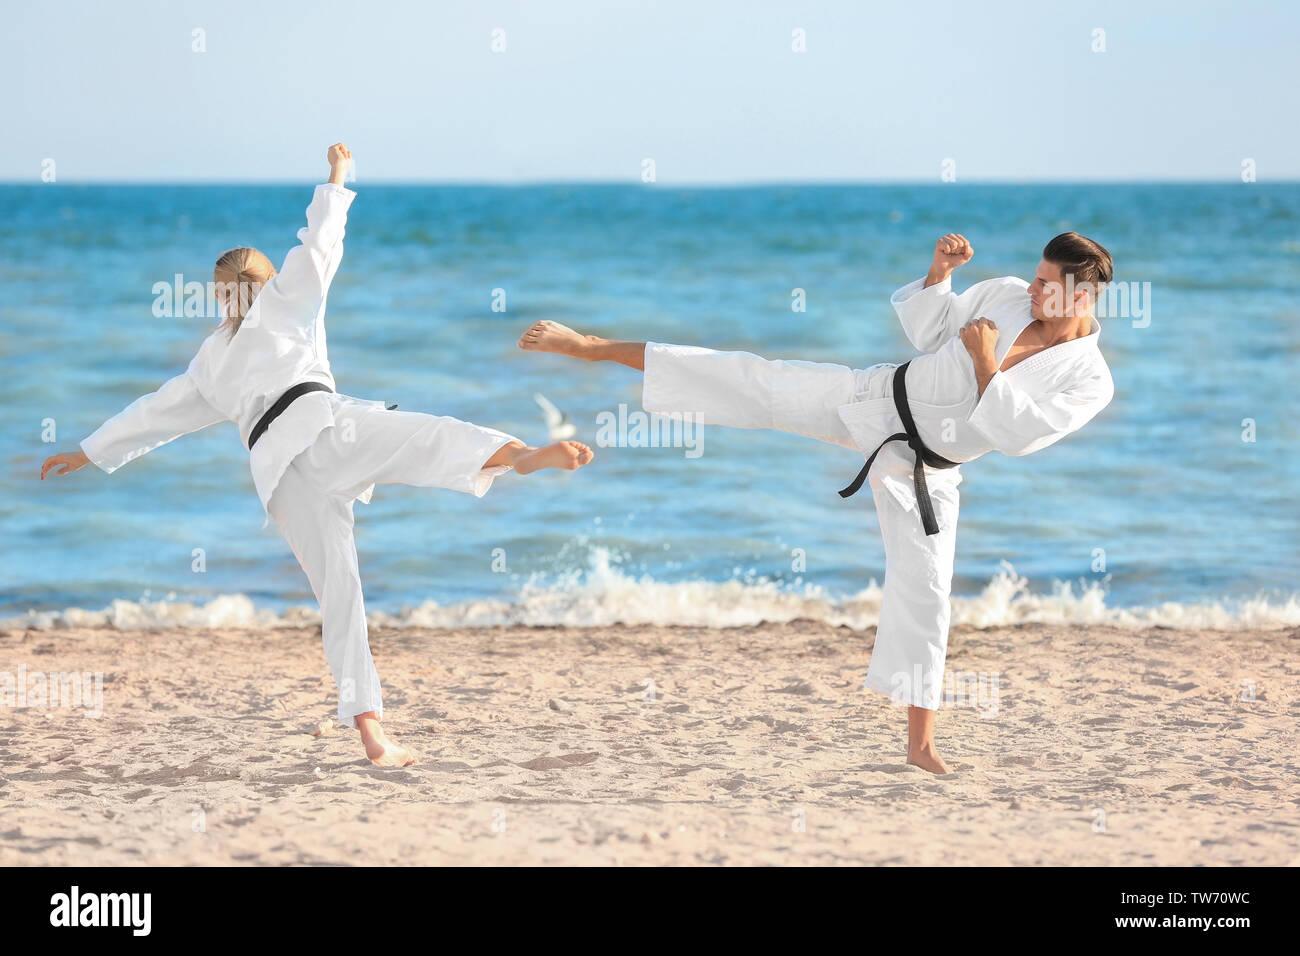 Giovane uomo e donna a praticare il karate all'aperto Immagini Stock